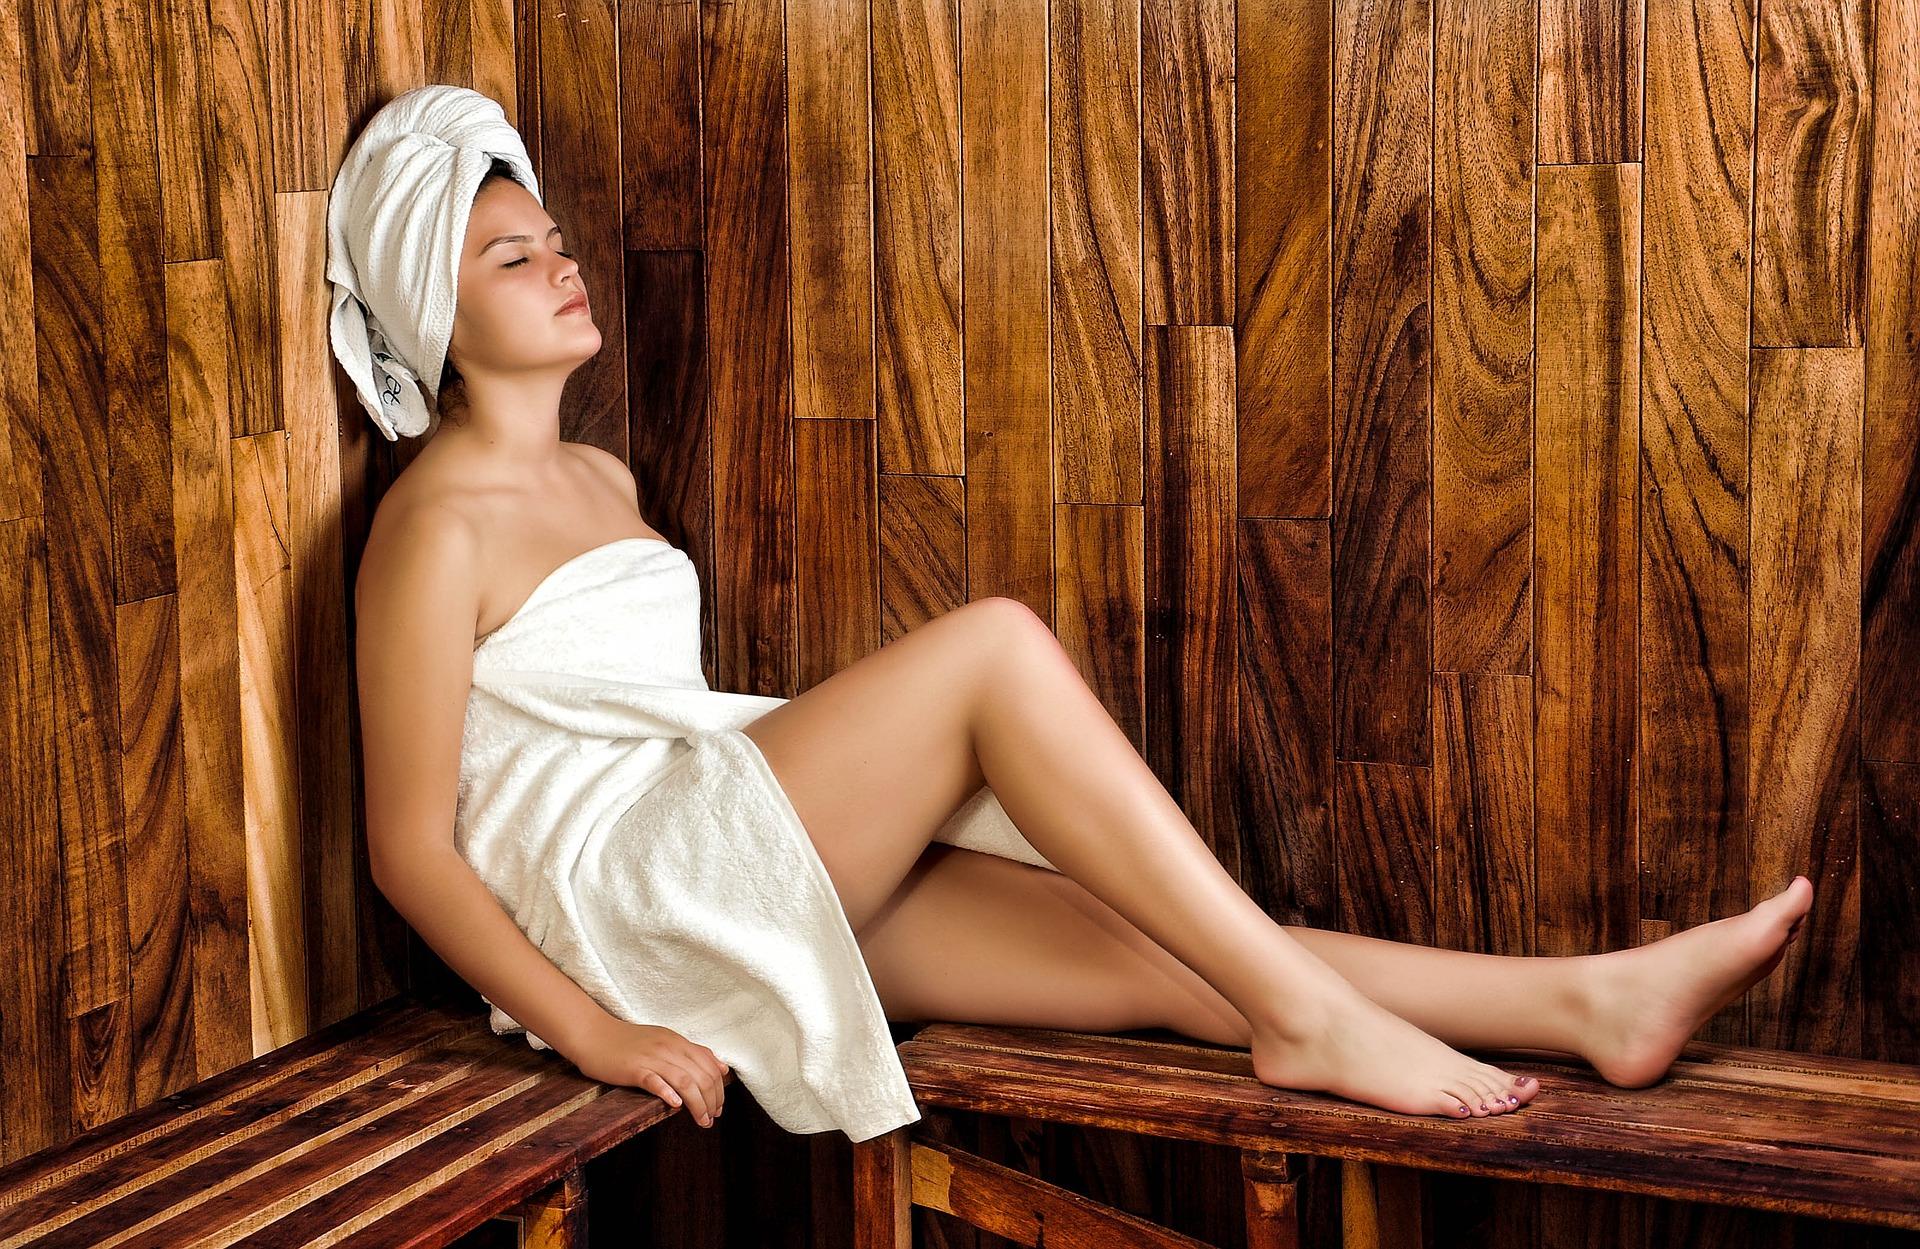 100 °C v sauně, -160 °C v kryokomoře, jak to můžeme přežít?!8 min čtení